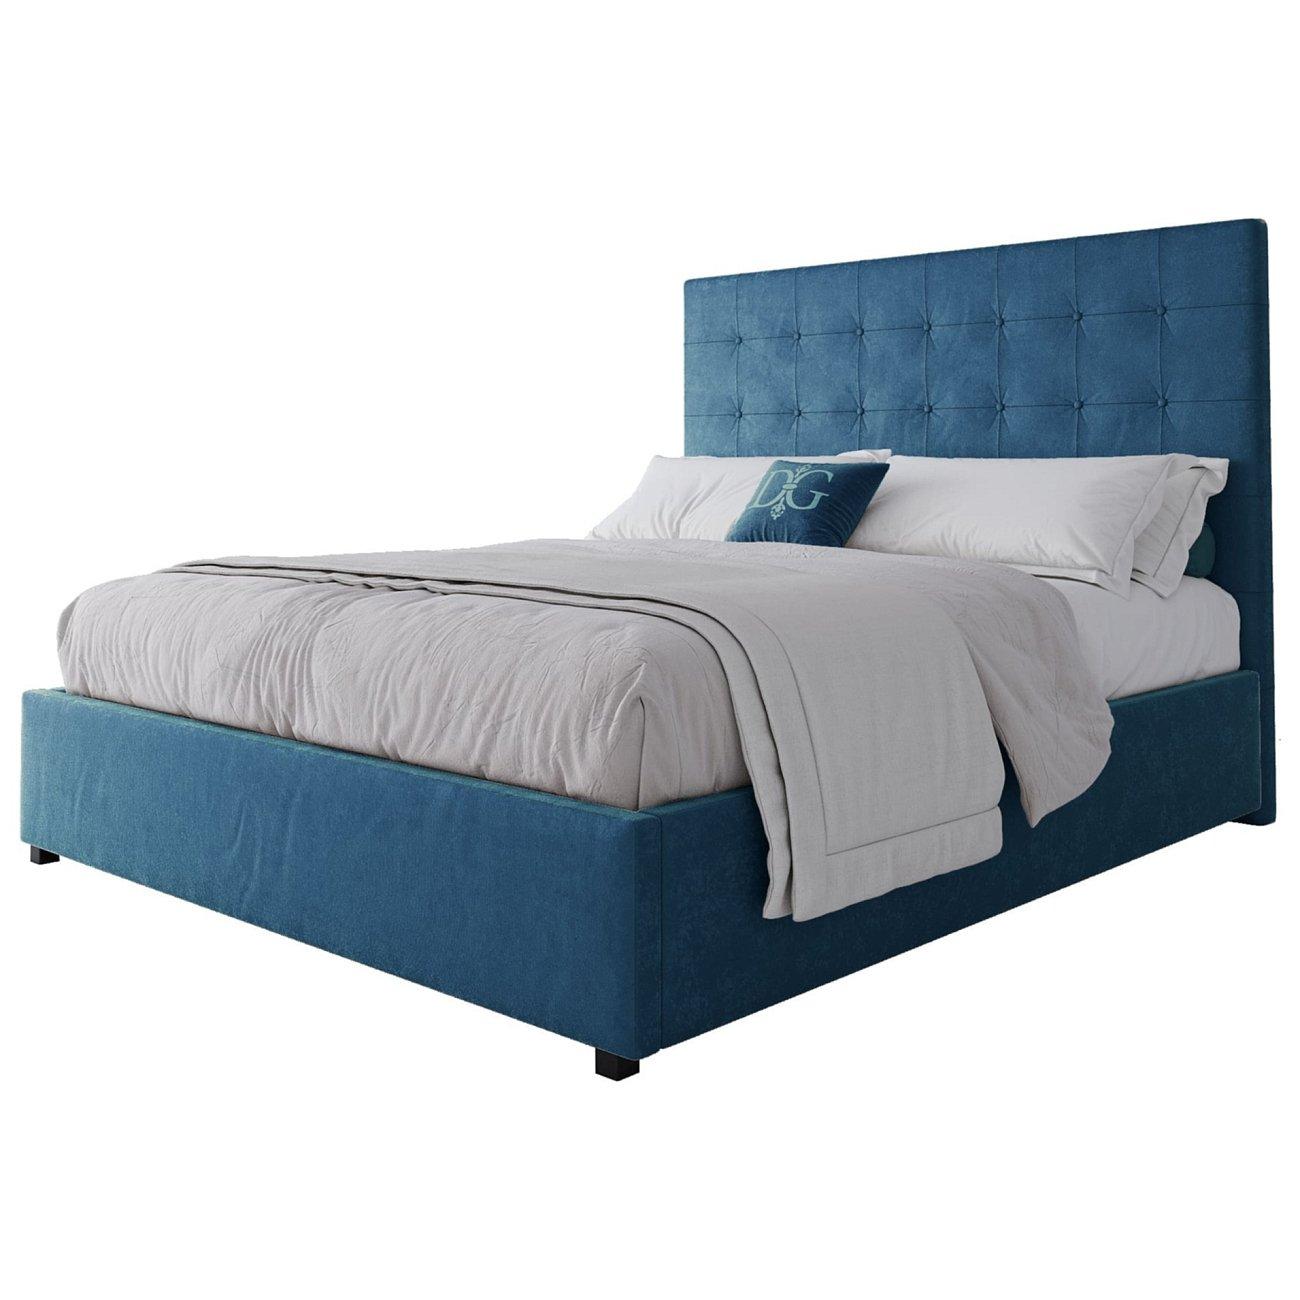 Купить Кровать Royal Black 160х200 Велюр Морская волна в интернет магазине дизайнерской мебели и аксессуаров для дома и дачи